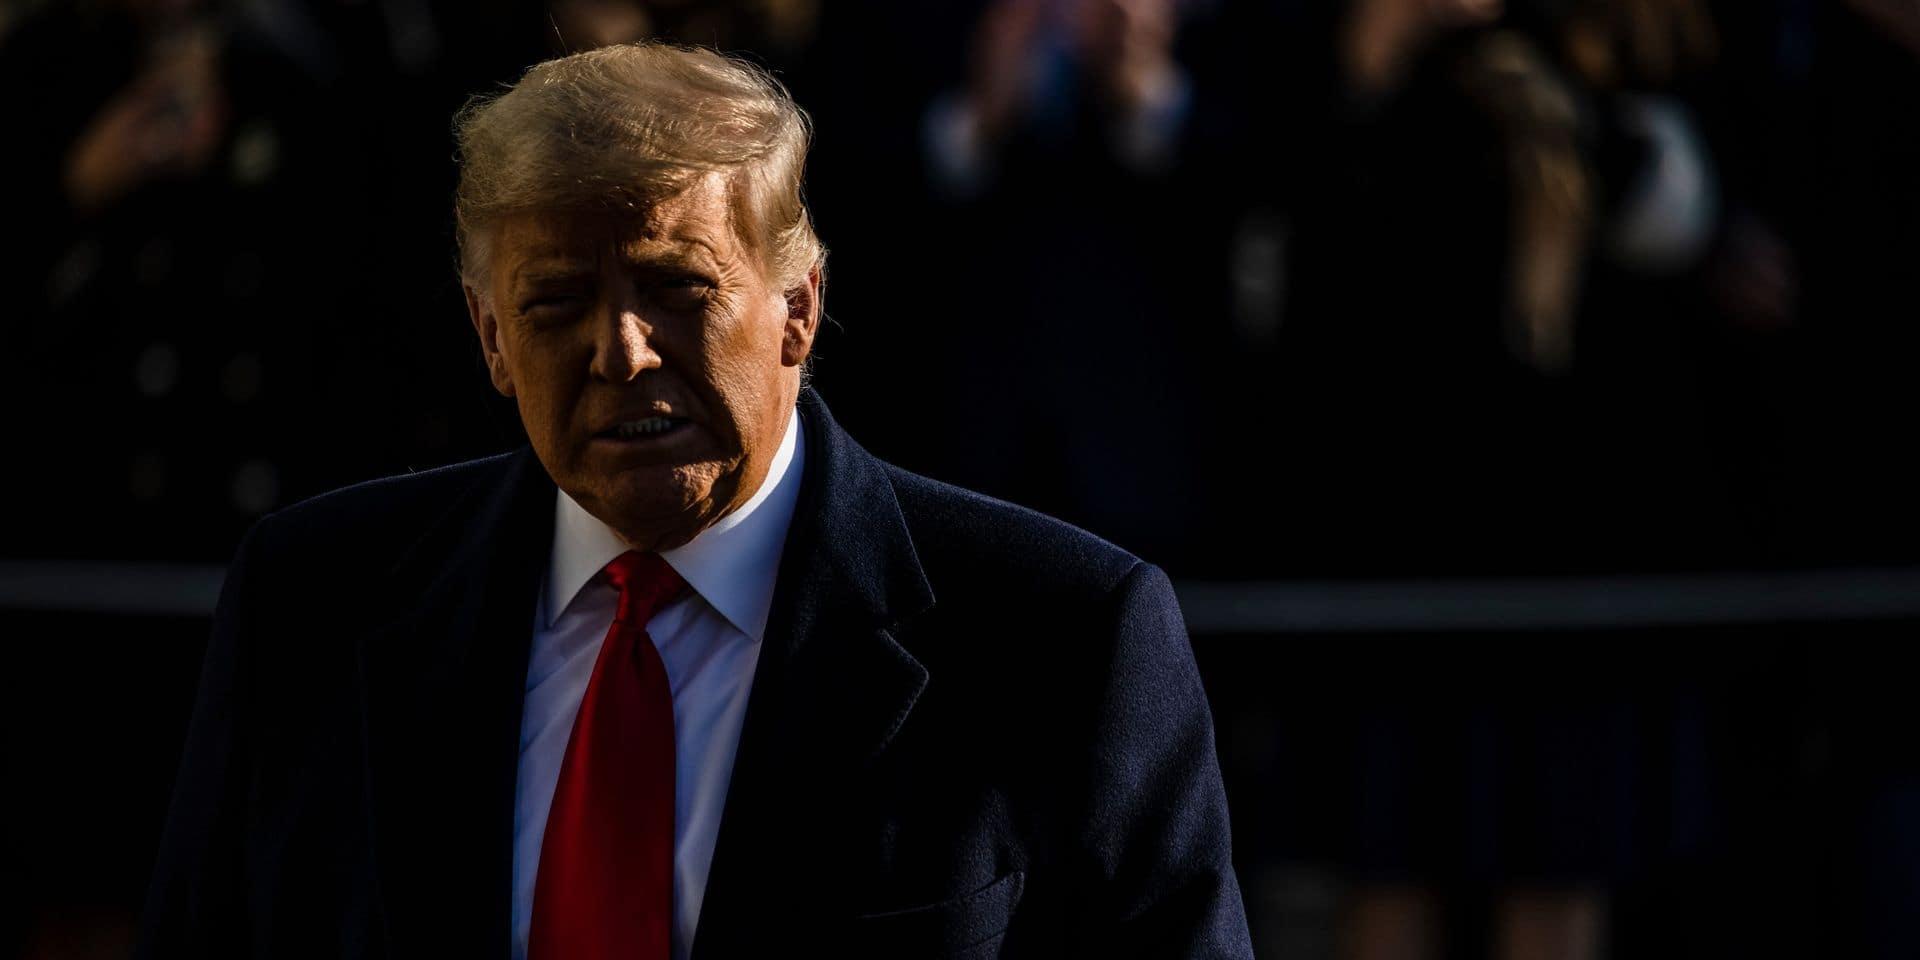 Procédure de destitution de Donald Trump : une commission réunie autour du 25e amendement